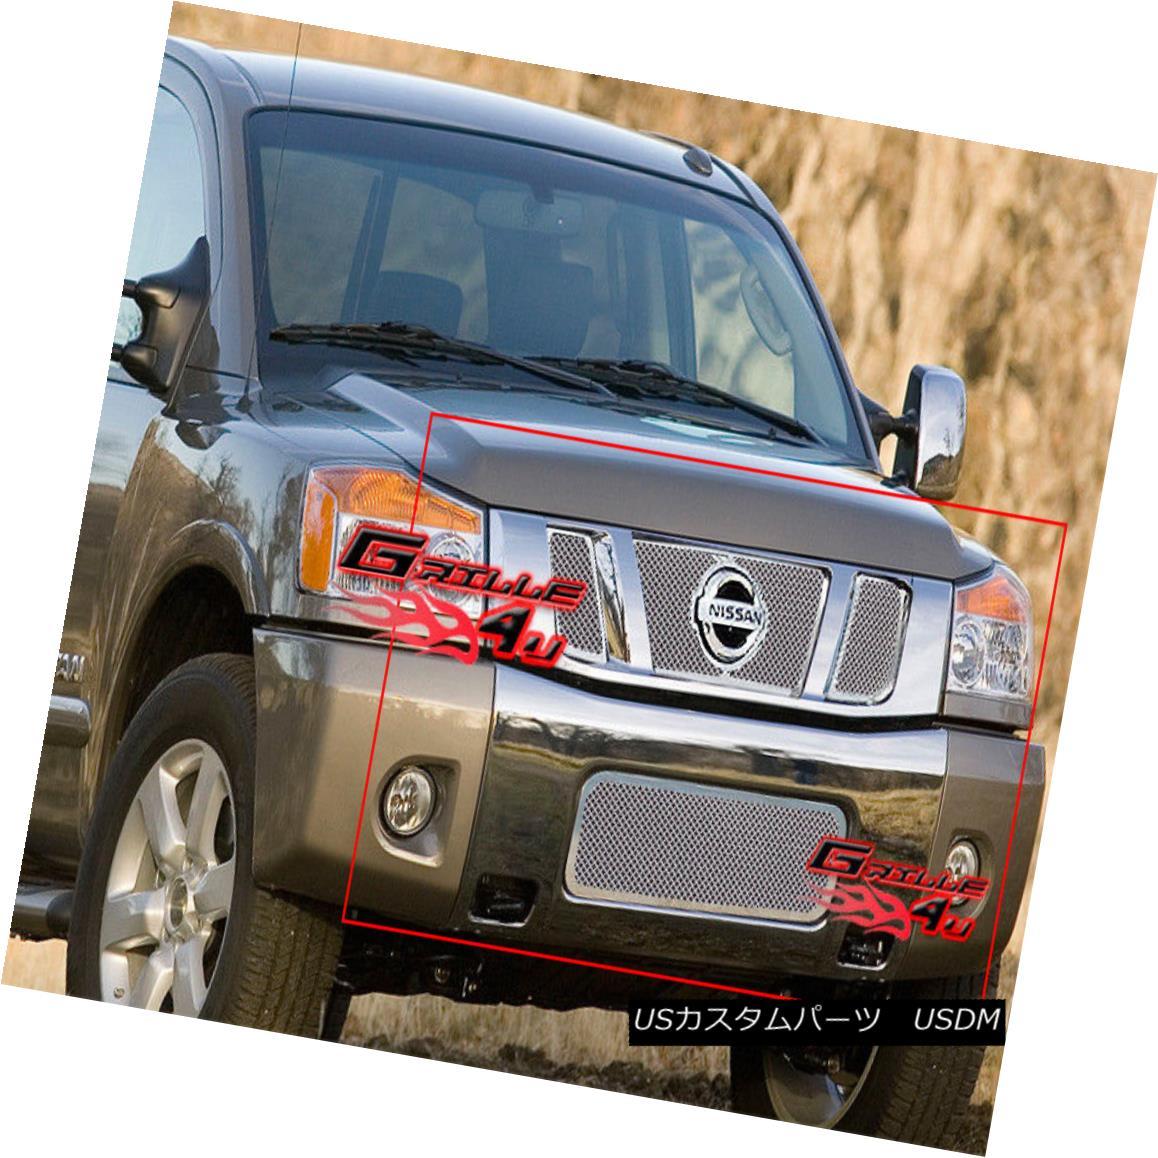 グリル For 08-14 2013 2014 Nissan Titan Stainless Mesh Grille Combo 08-14 2013年2014 Nissan Titanステンレスメッシュグリルコンボ